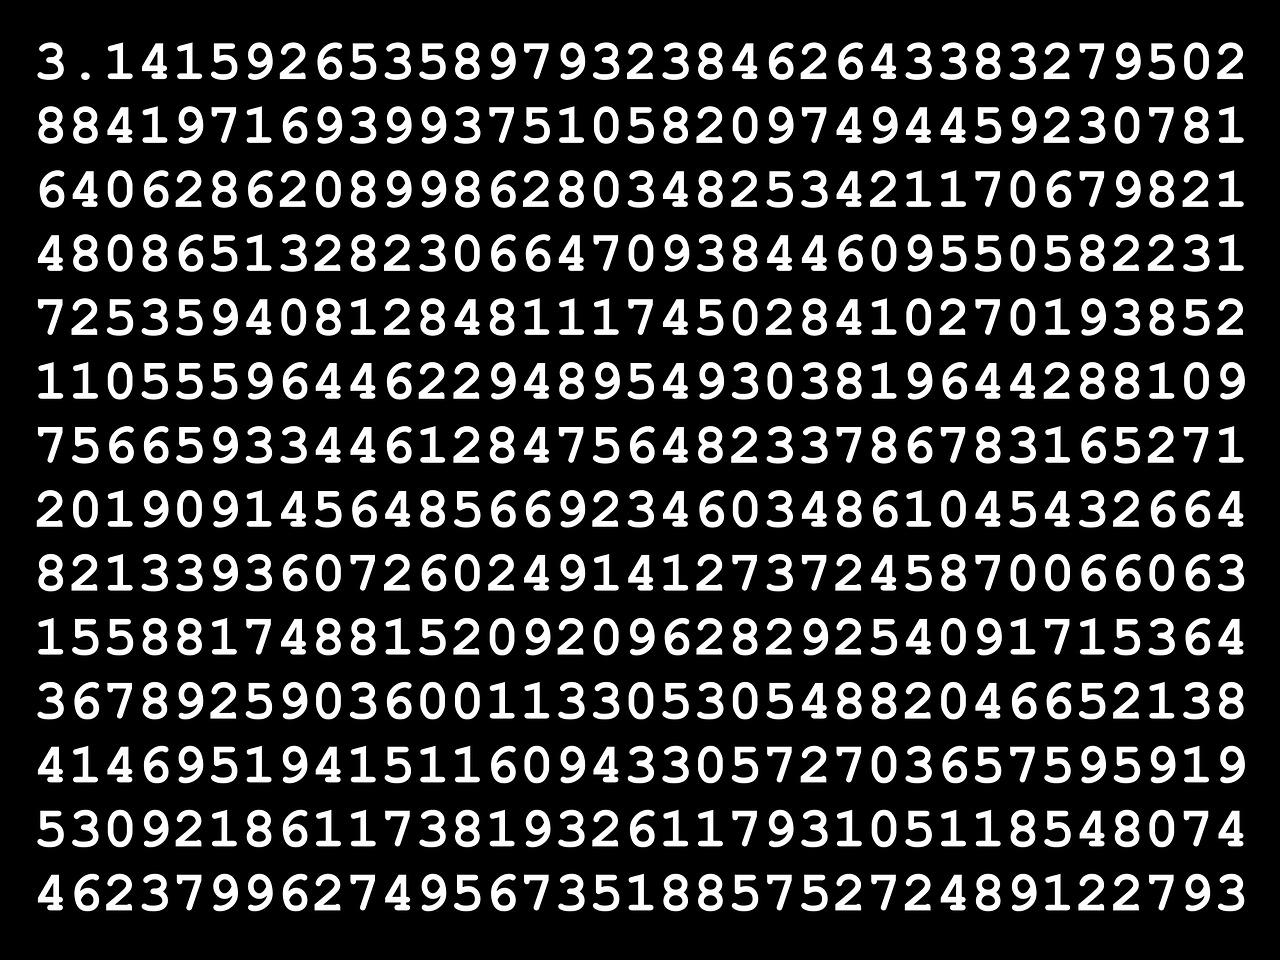 pi, círculo, diámetro, circunferencia, proporción, radio, número, constante, mates, matemáticas, matemático, irracional, trascendental, dígitos, decimal, trigonometría, geometría, aleatorio, aleatoriedad, infinito, interminable, computación, negro, blanco, imágenes gratis , fotos gratis, imágenes gratis, libres de derechos, ilustraciones gratis, dominio público